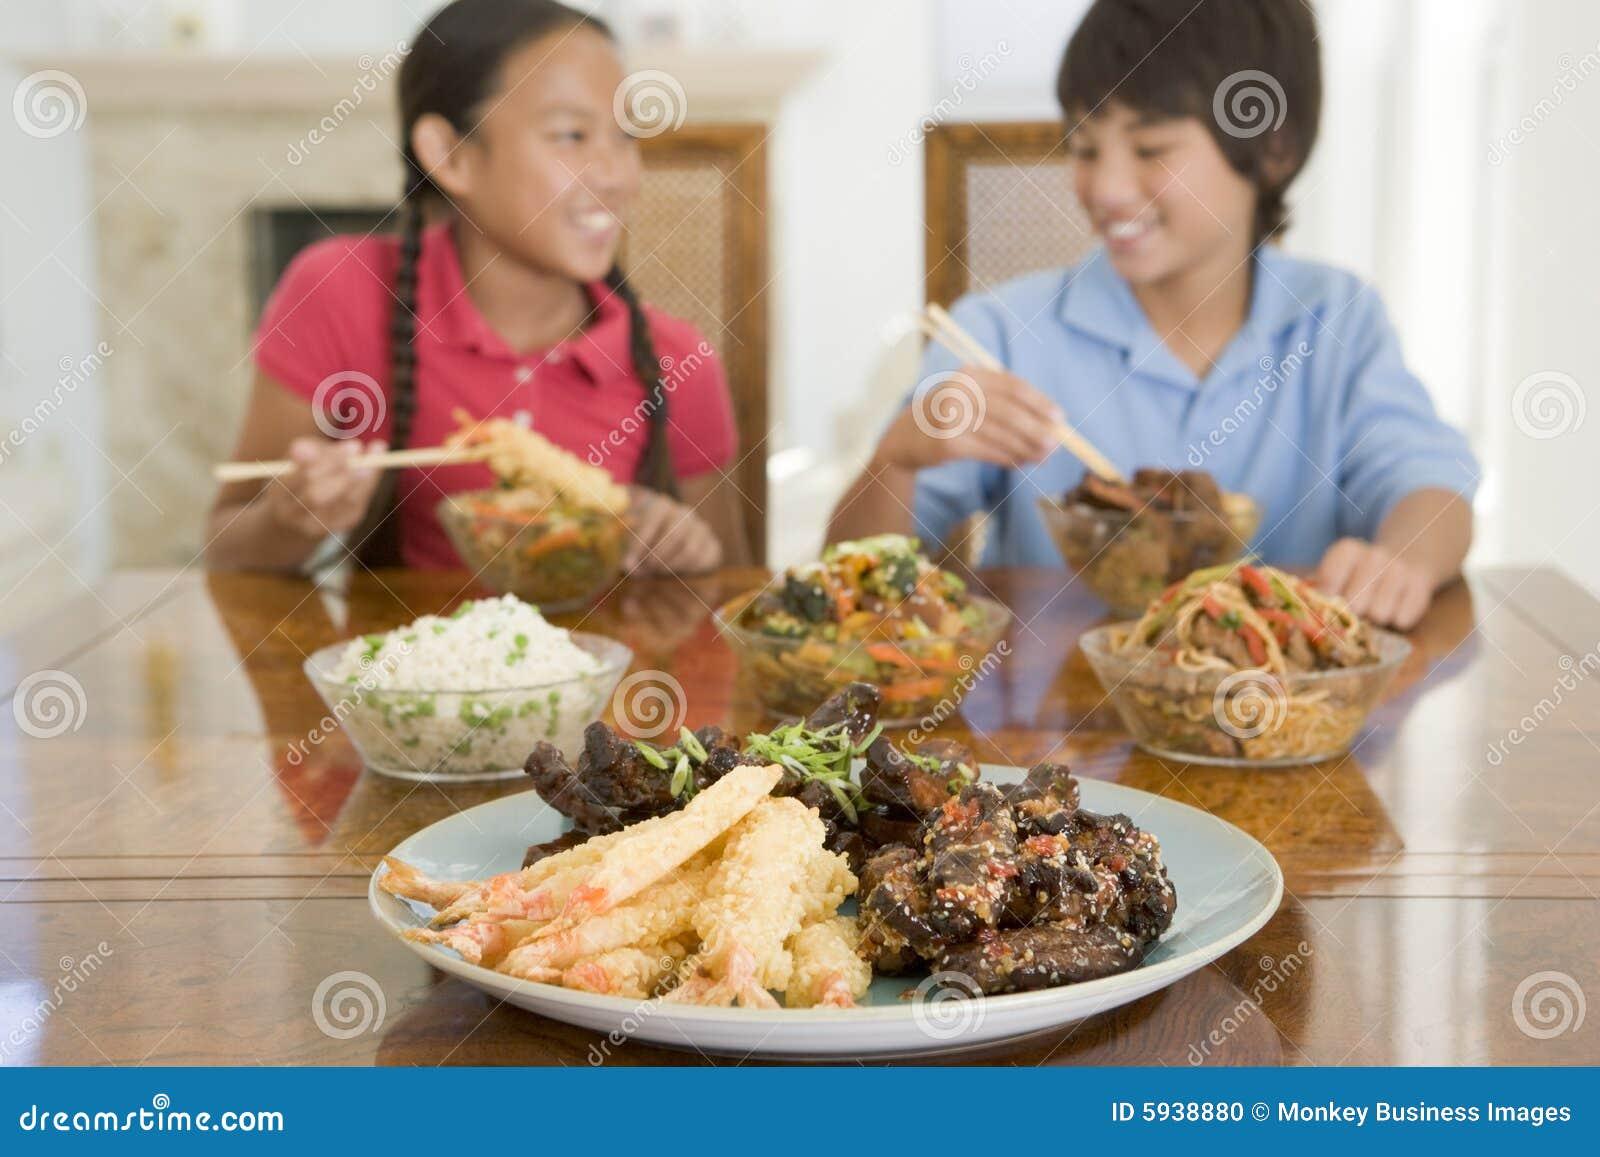 Zwei junge kinder die chinesische nahrung essen stockfoto for Asian cuisine delivery